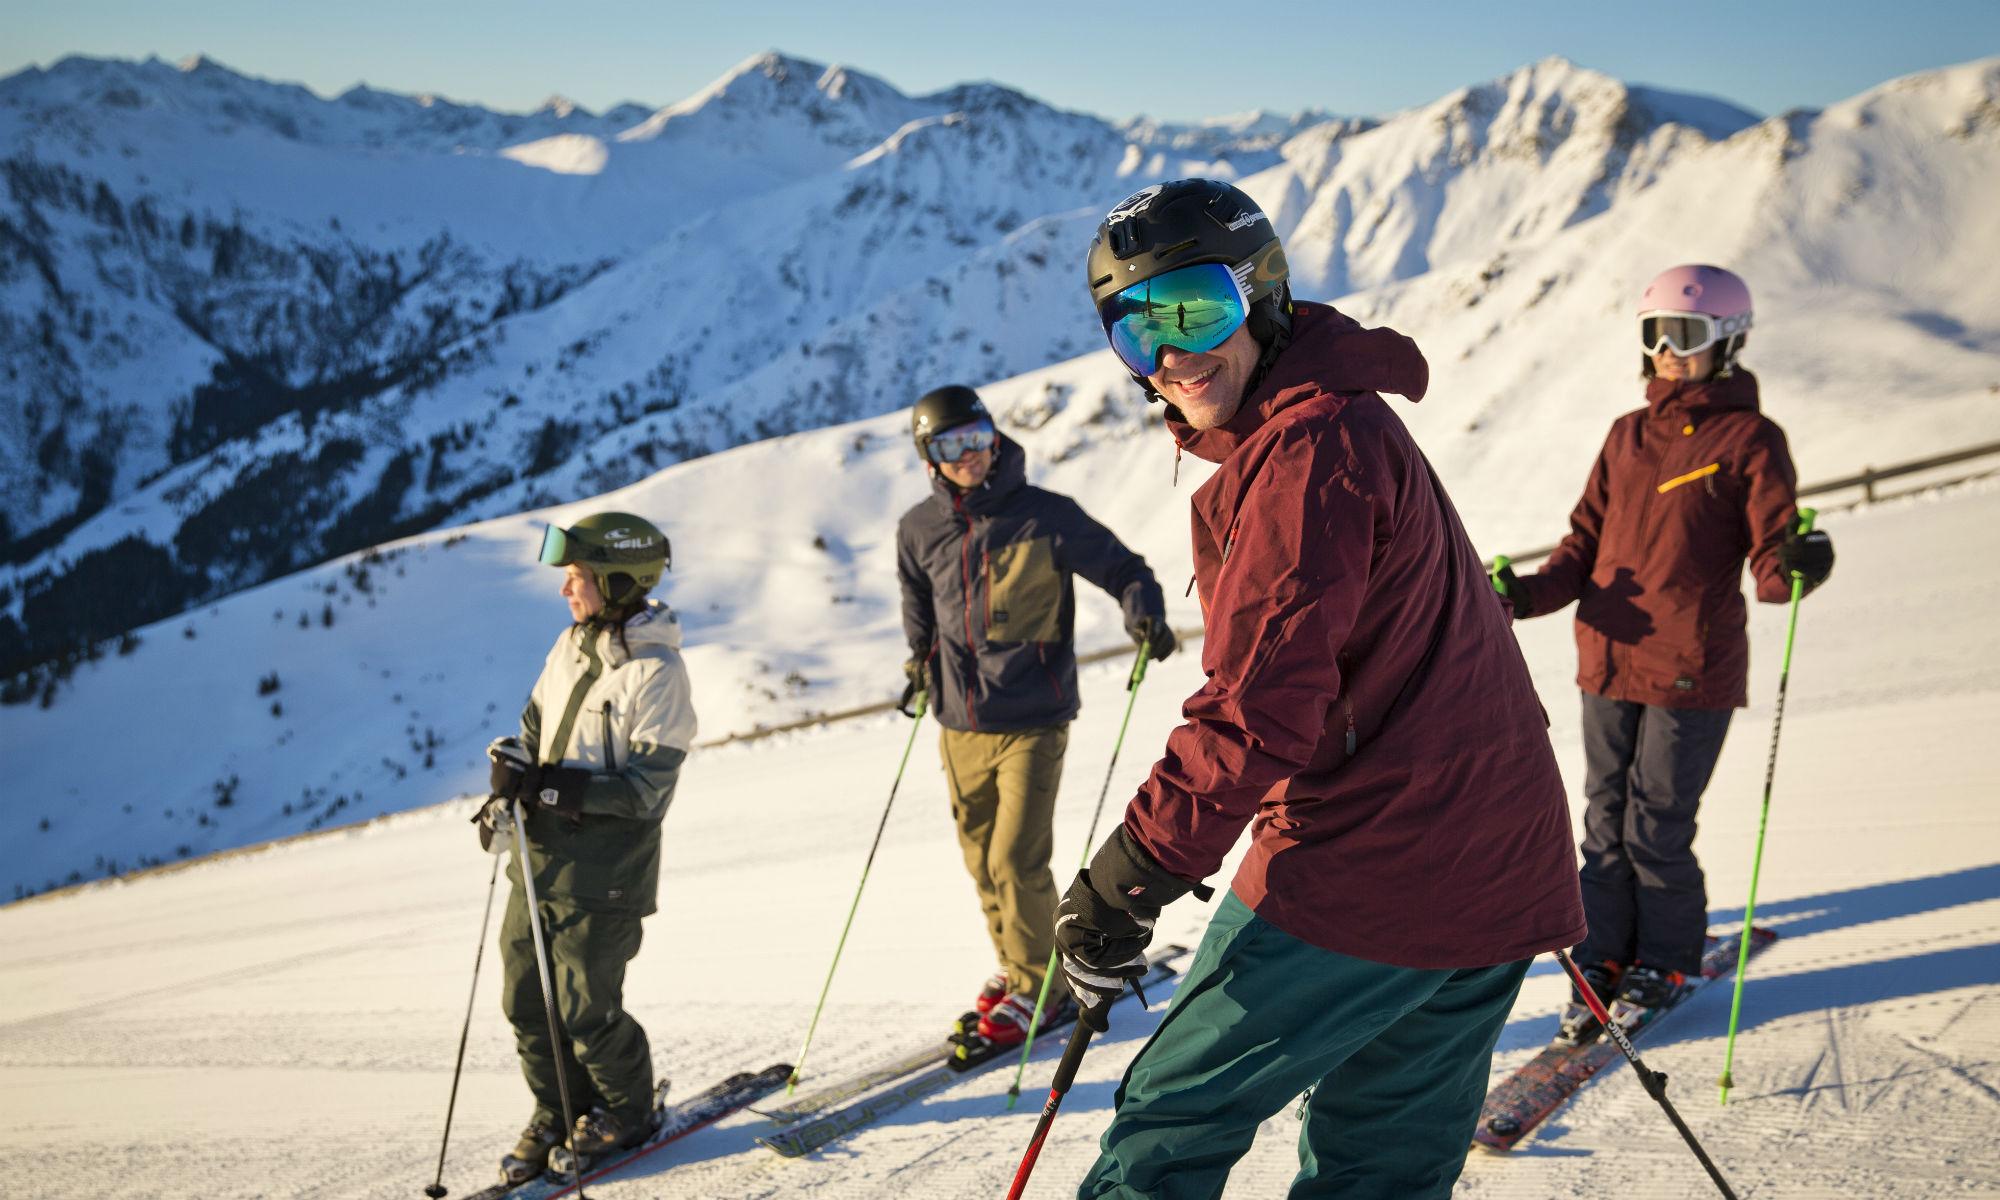 4 Personen mit Skiausrüstung auf der sonnigen Piste in Saalbach-Hinterglemm.